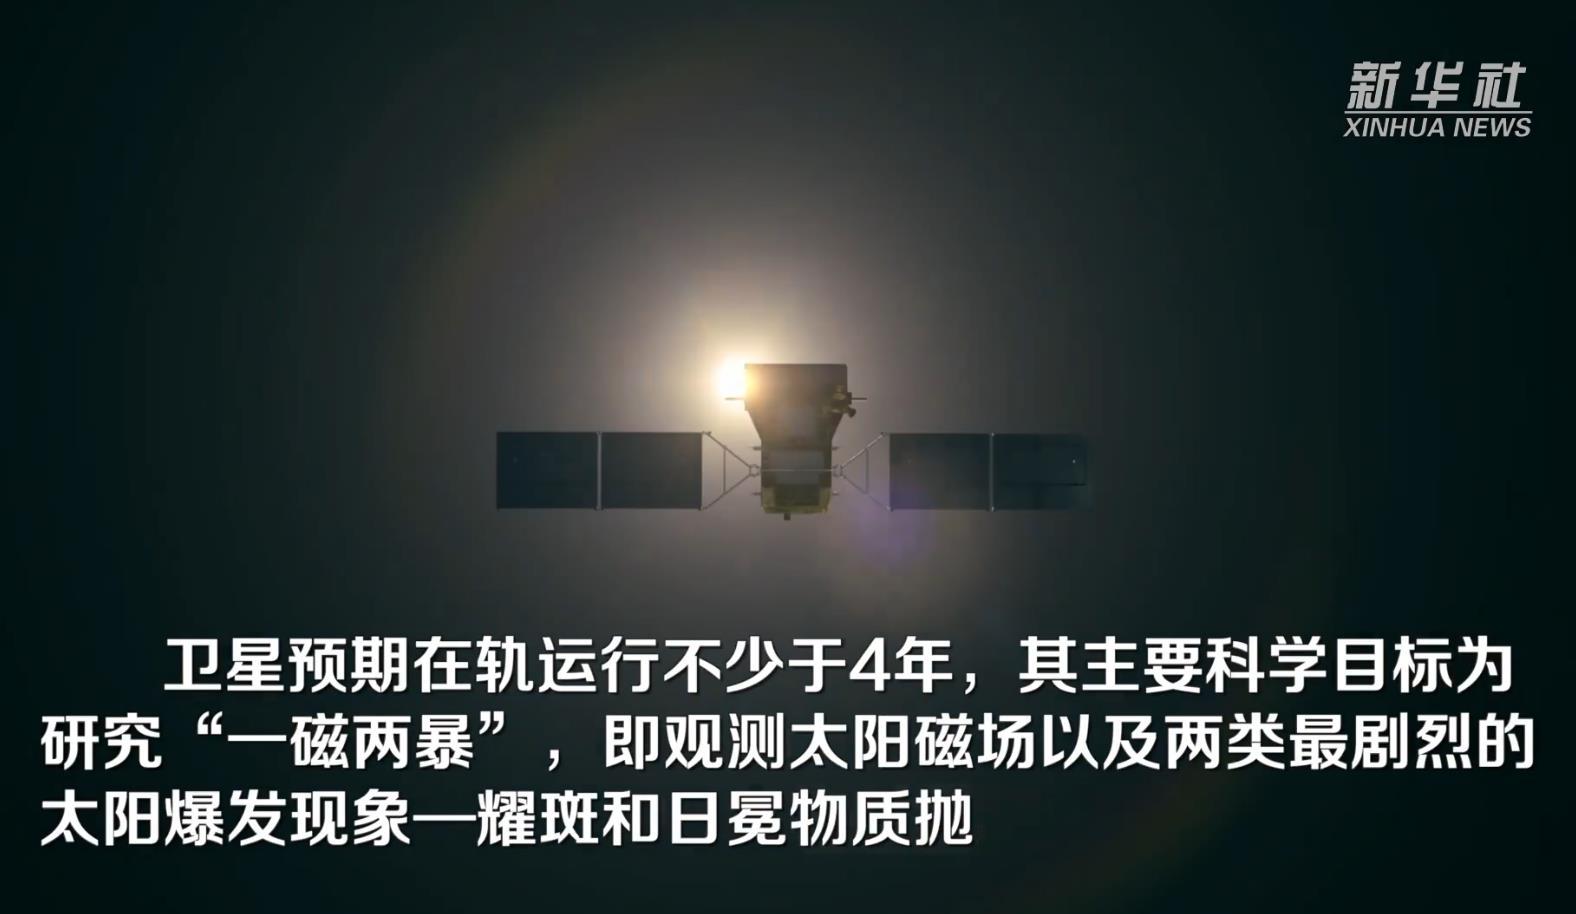 首顆太陽探測衛星擬22年發射